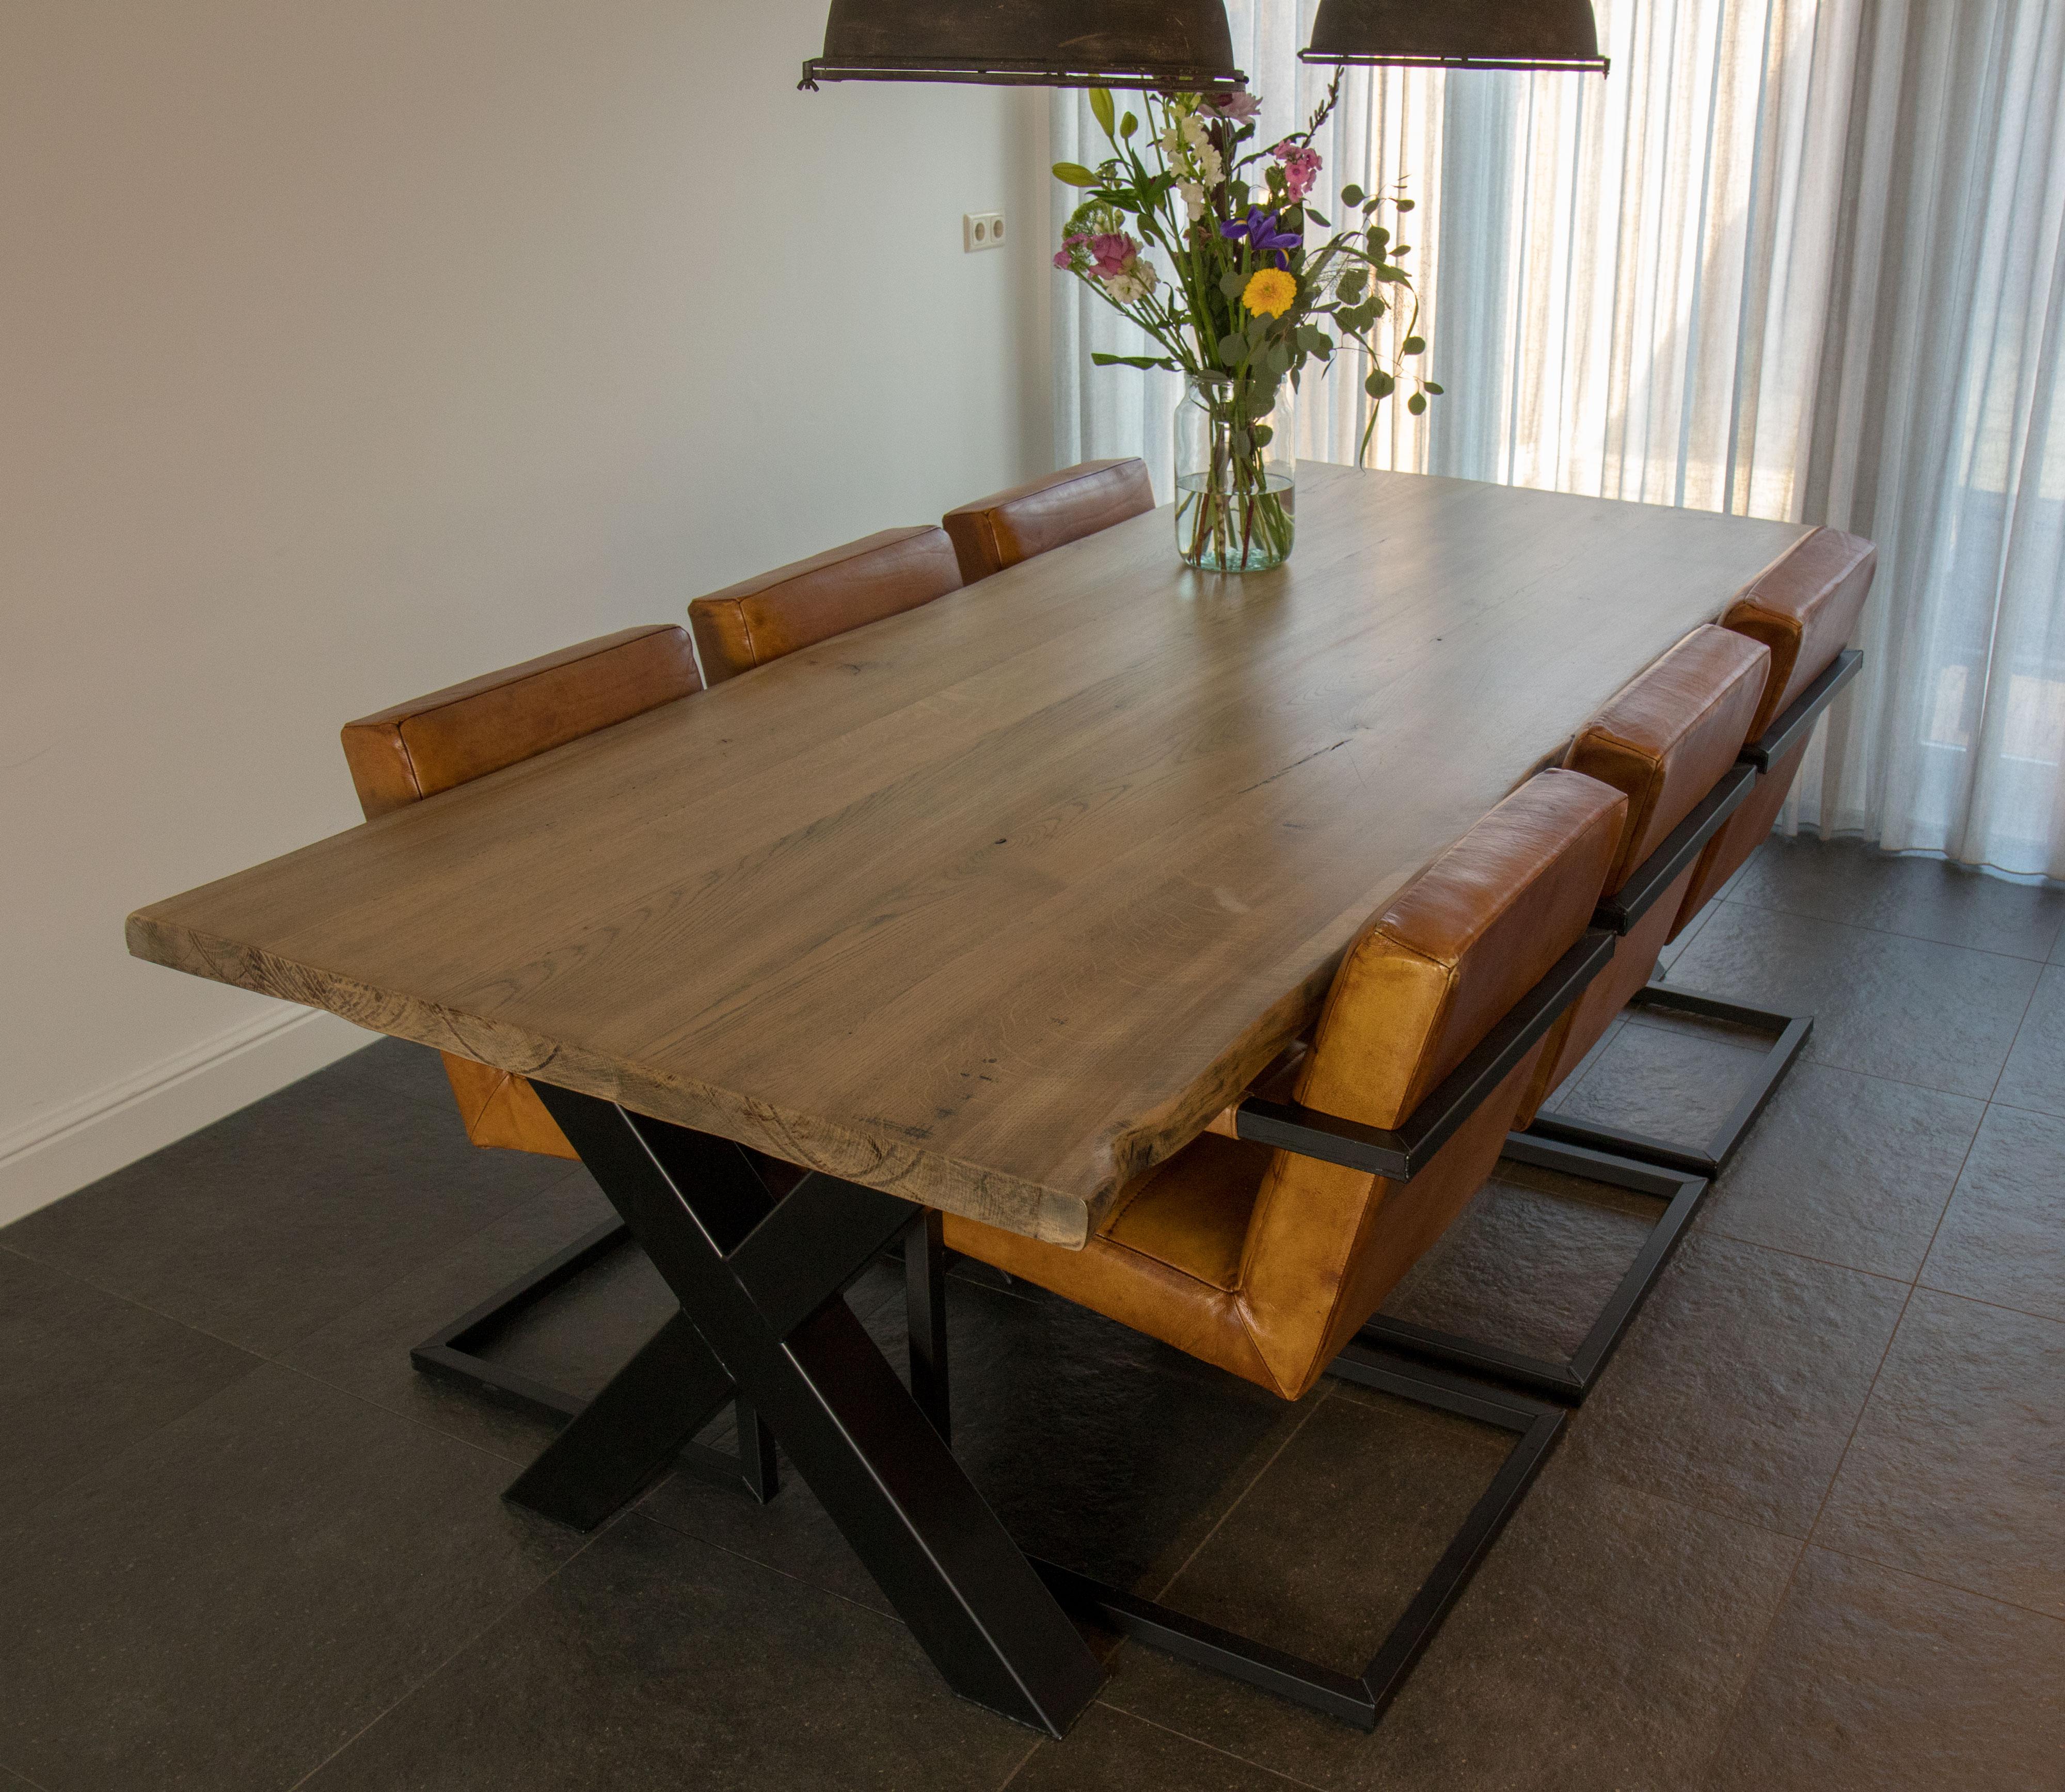 Eetkamertafels - Muubl eigentijdse meubelen